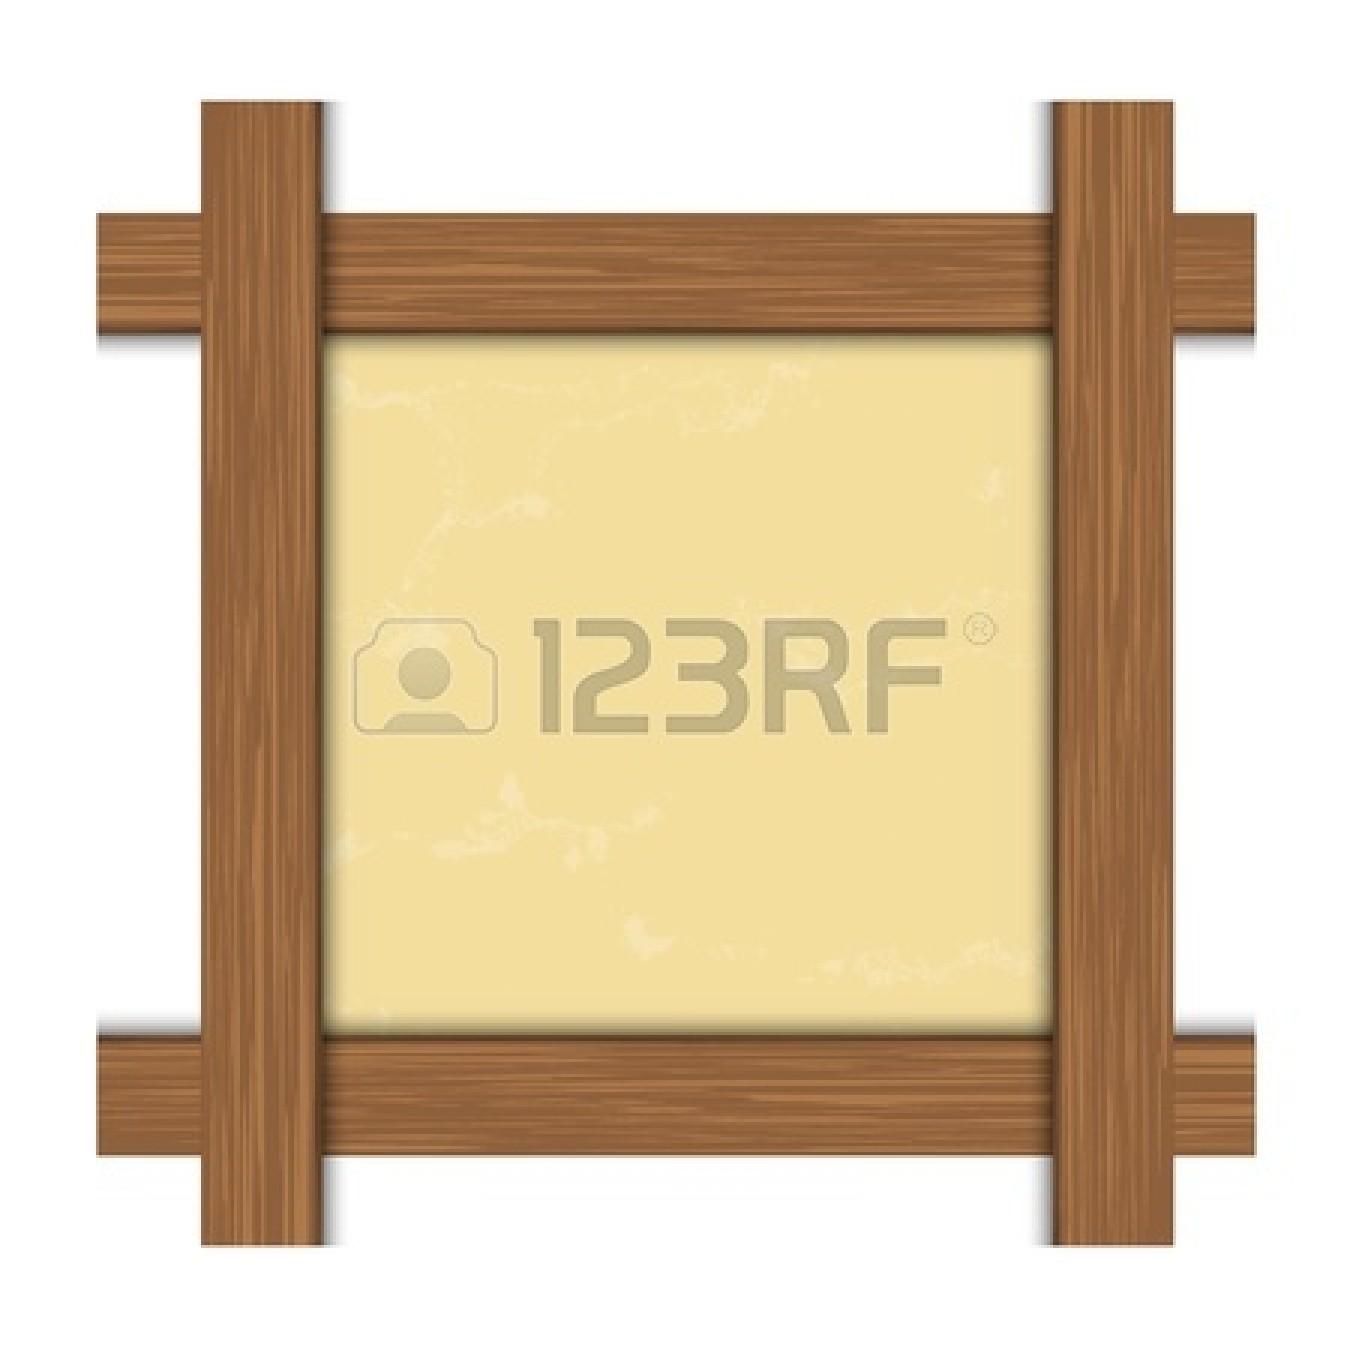 1350x1350 Gallant Remodelaholic Diy Rustic Frames As Wells As Rustic Frames